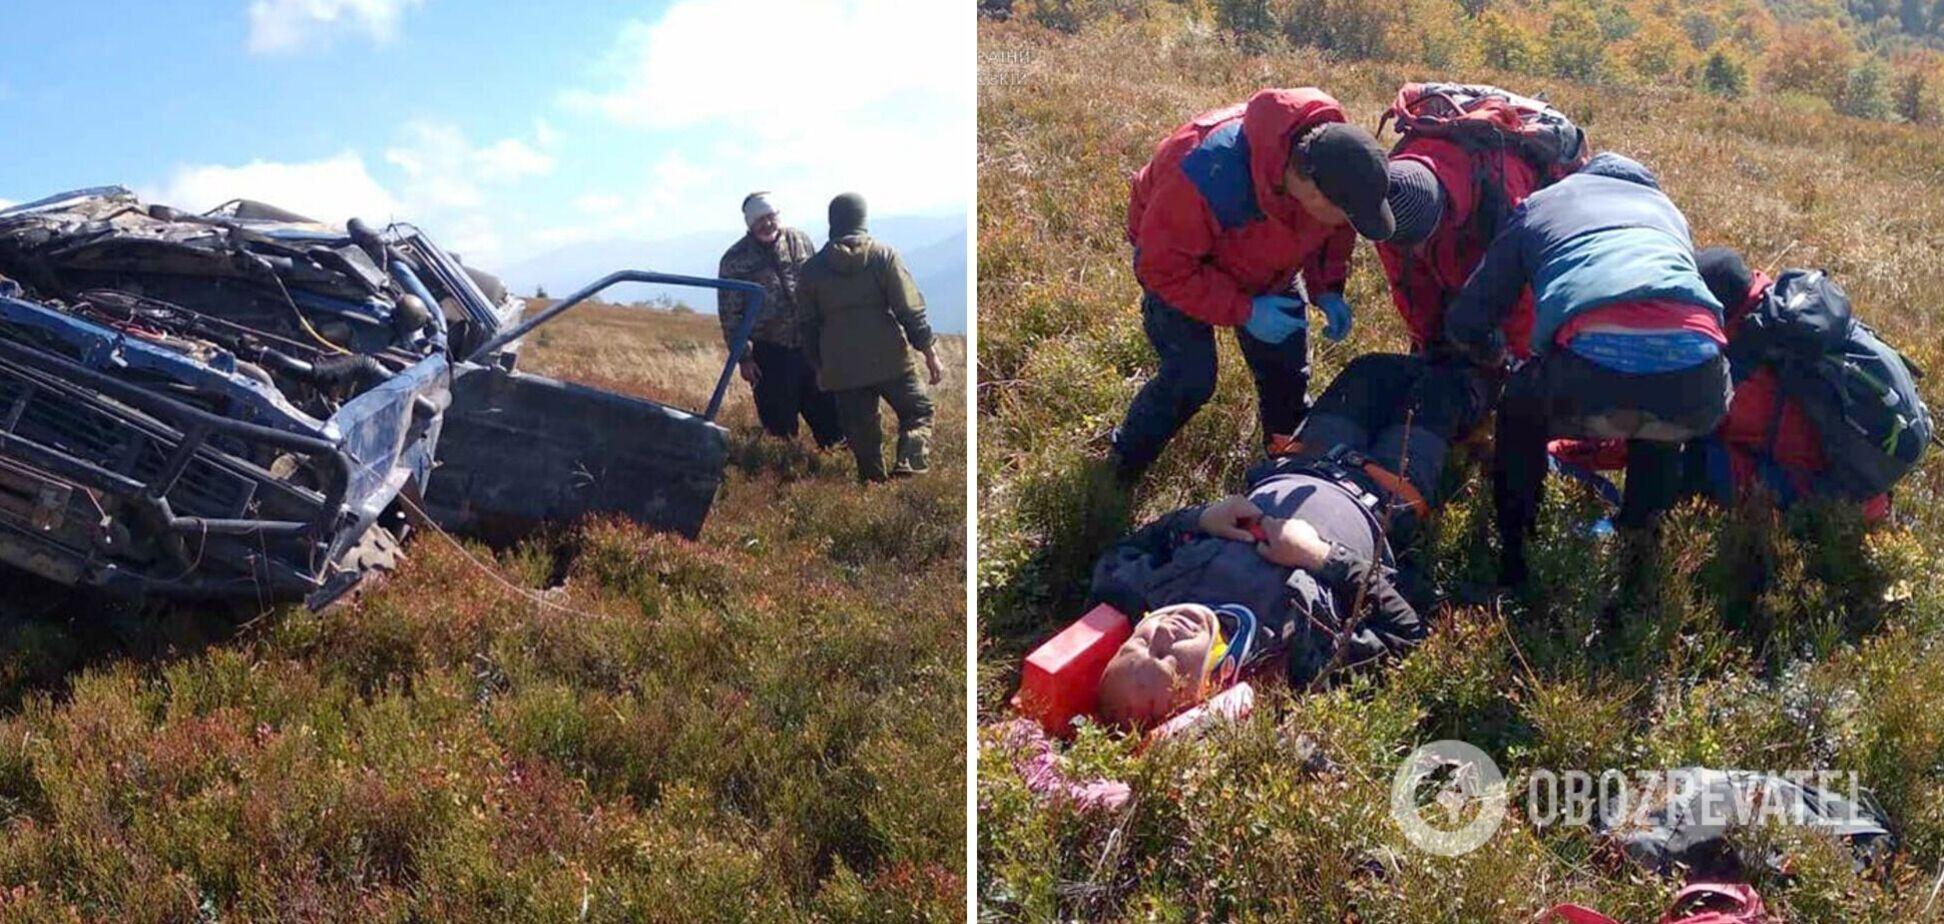 На Закарпатье водитель внедорожника не справился с управлением: авто скатилось с горы, есть пострадавшие. Фото